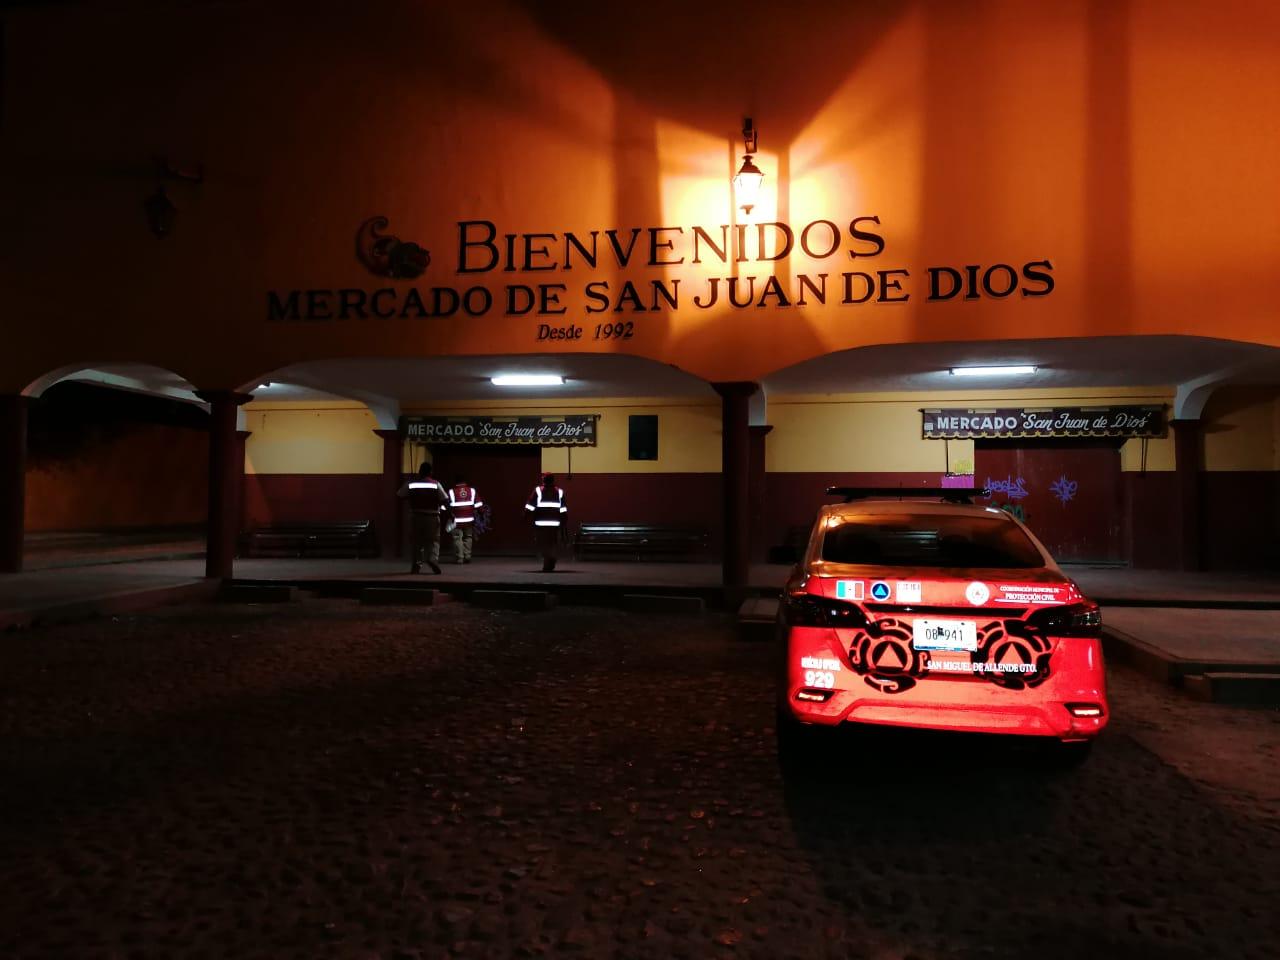 clausura mercado San Juan de Dios